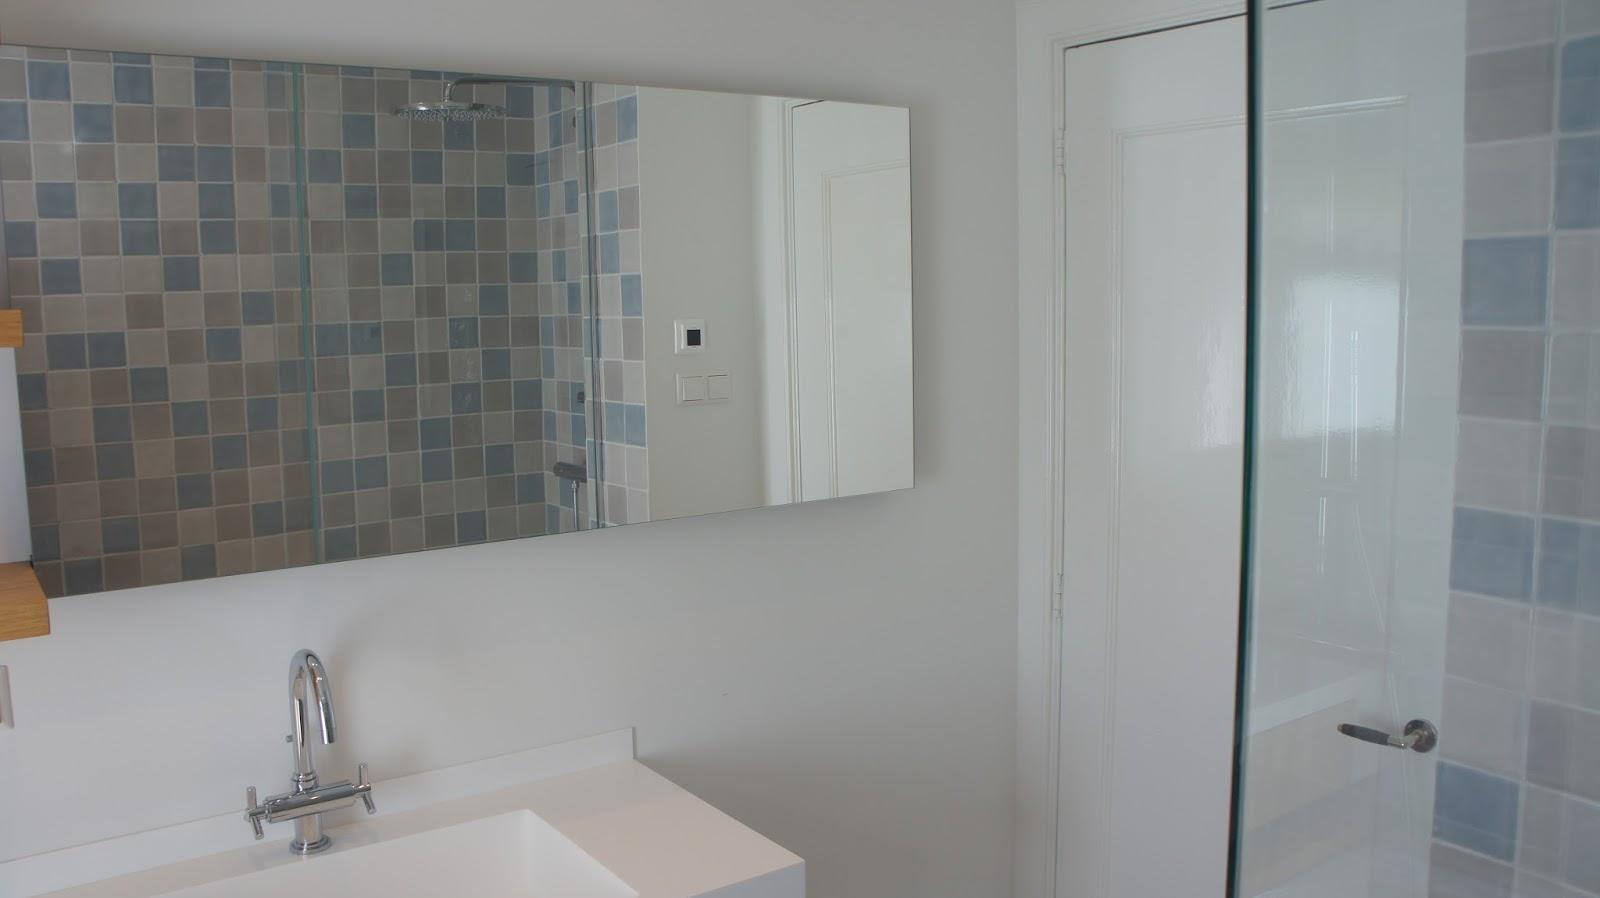 Badkamer idee kleine ruimte: badkamer trends. multifunctionele ...